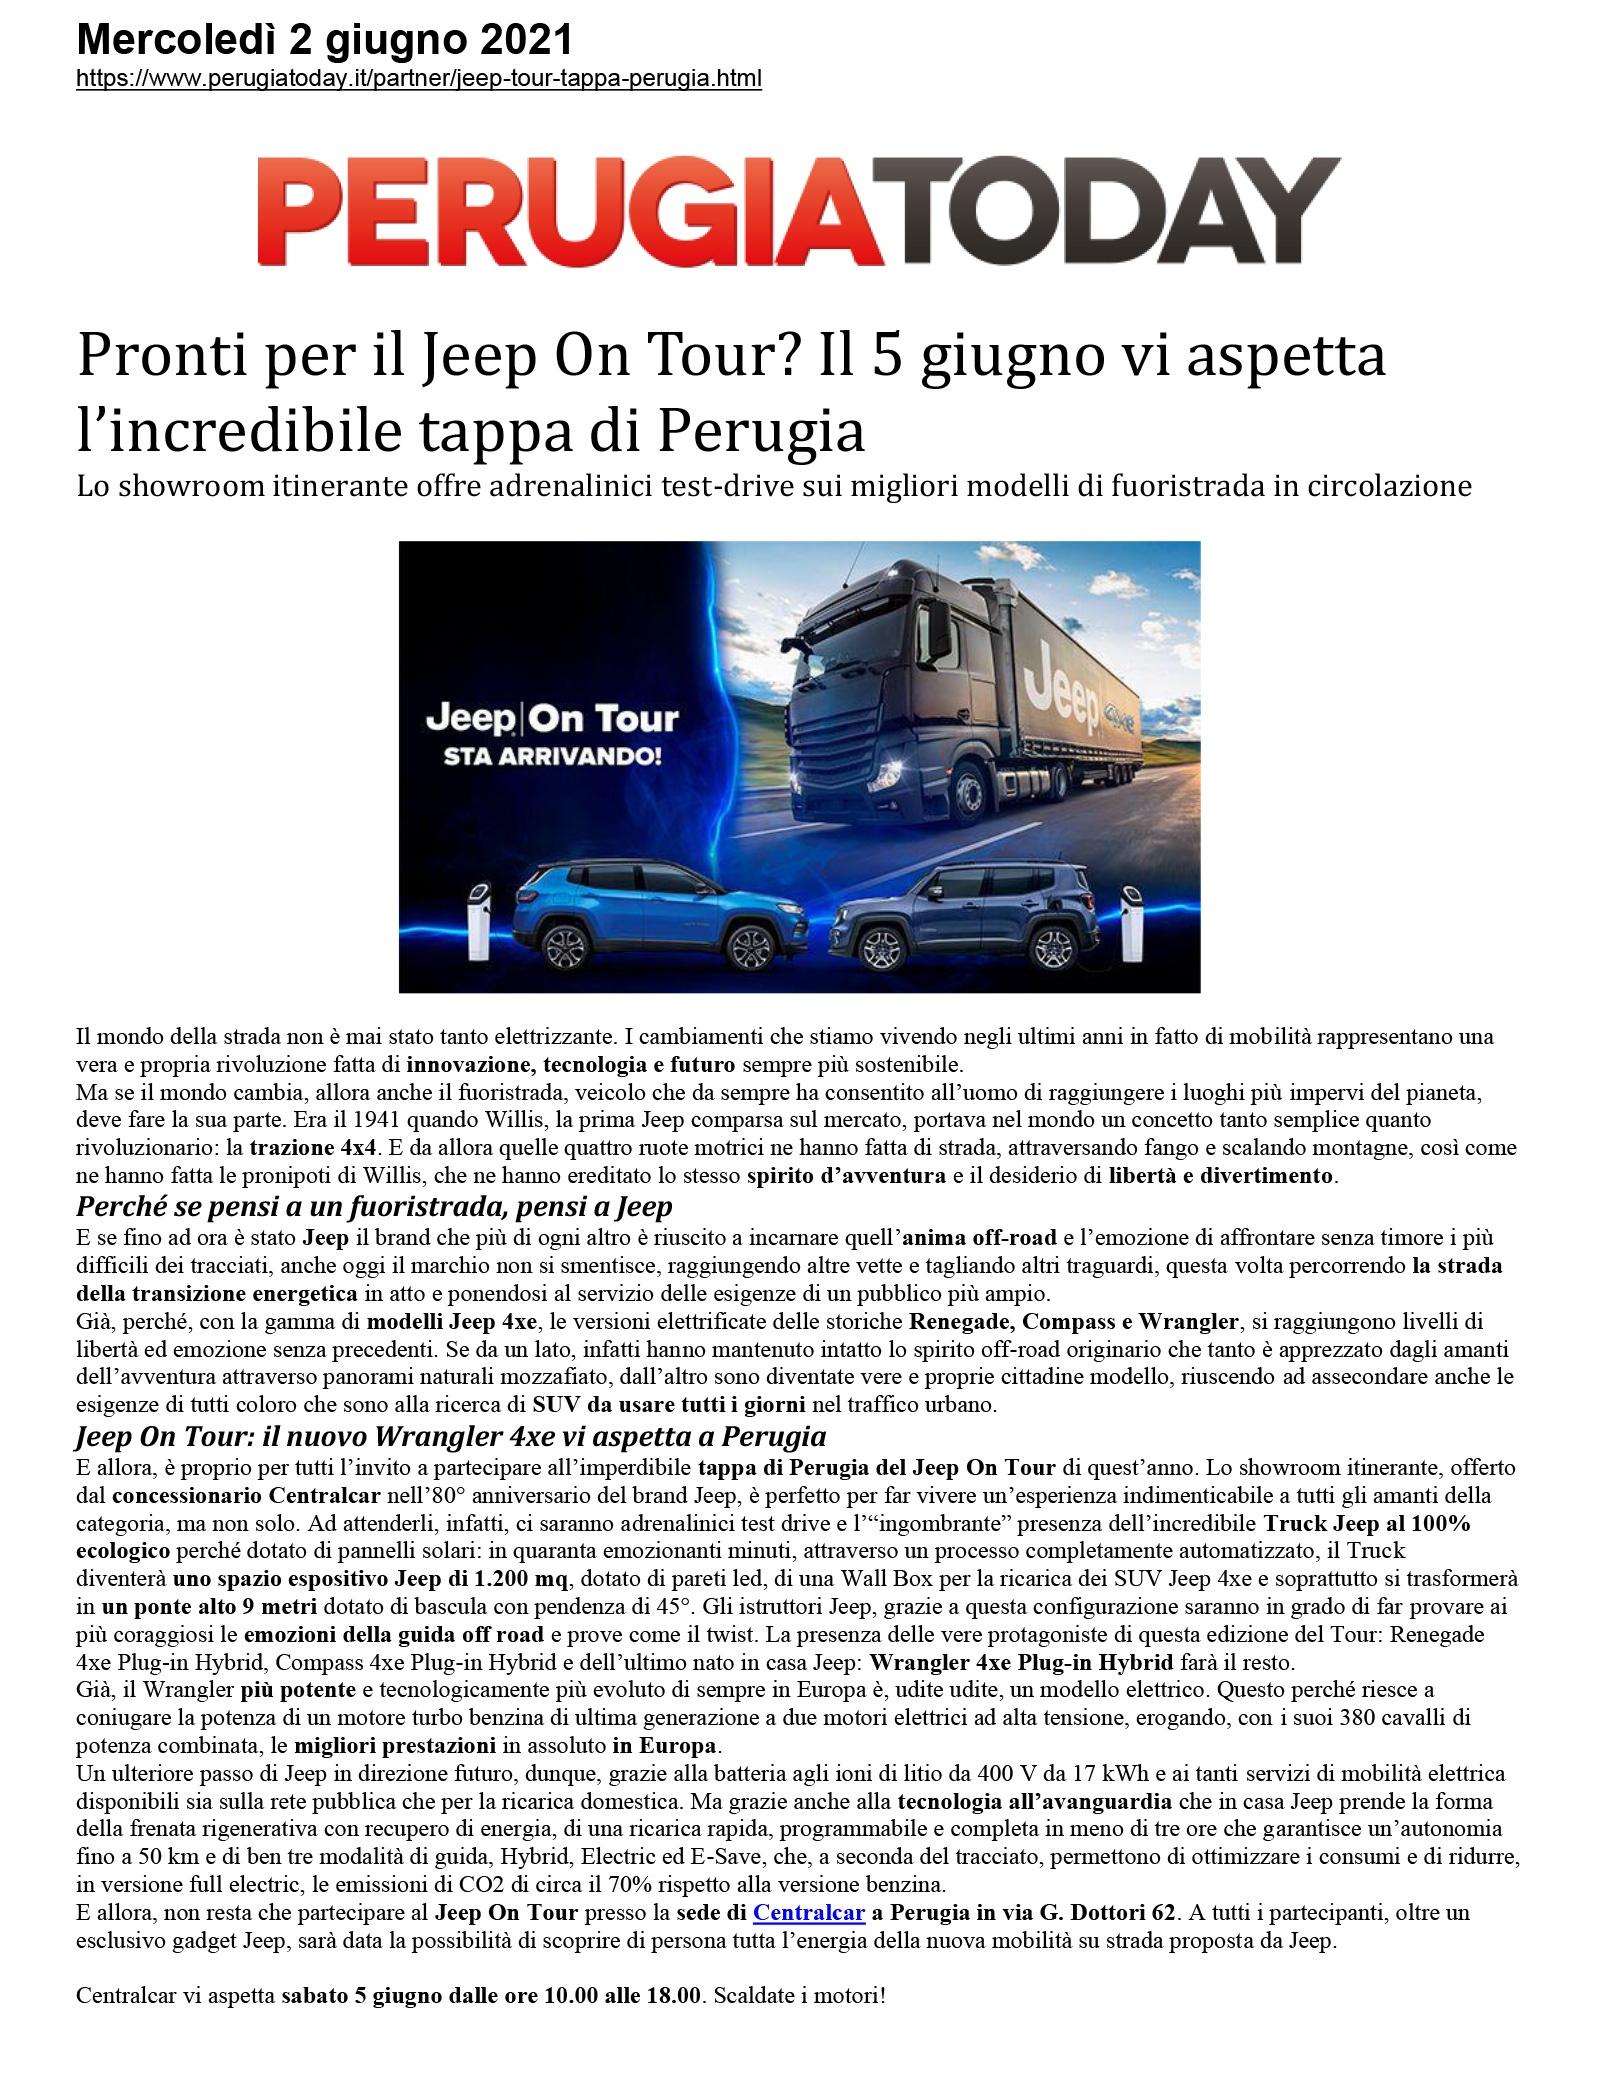 Pronti per il Jeep On Tour? Il 5 giugno vi aspetta  l'incredibile tappa di Perugia